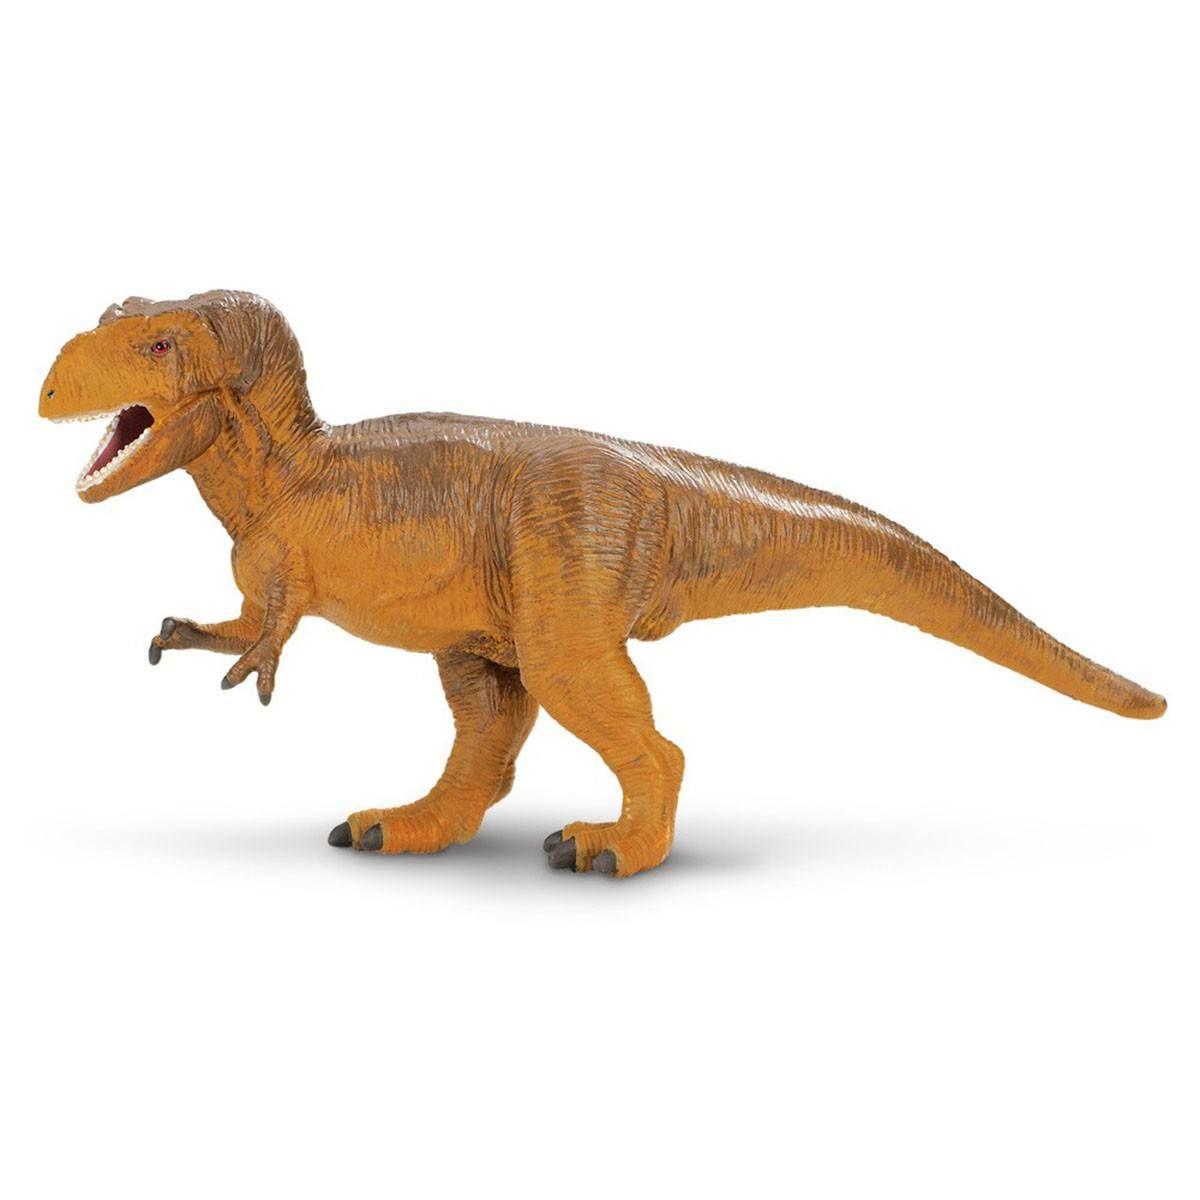 Schleich Dinosaur Set 6 Pcs T-Rex new